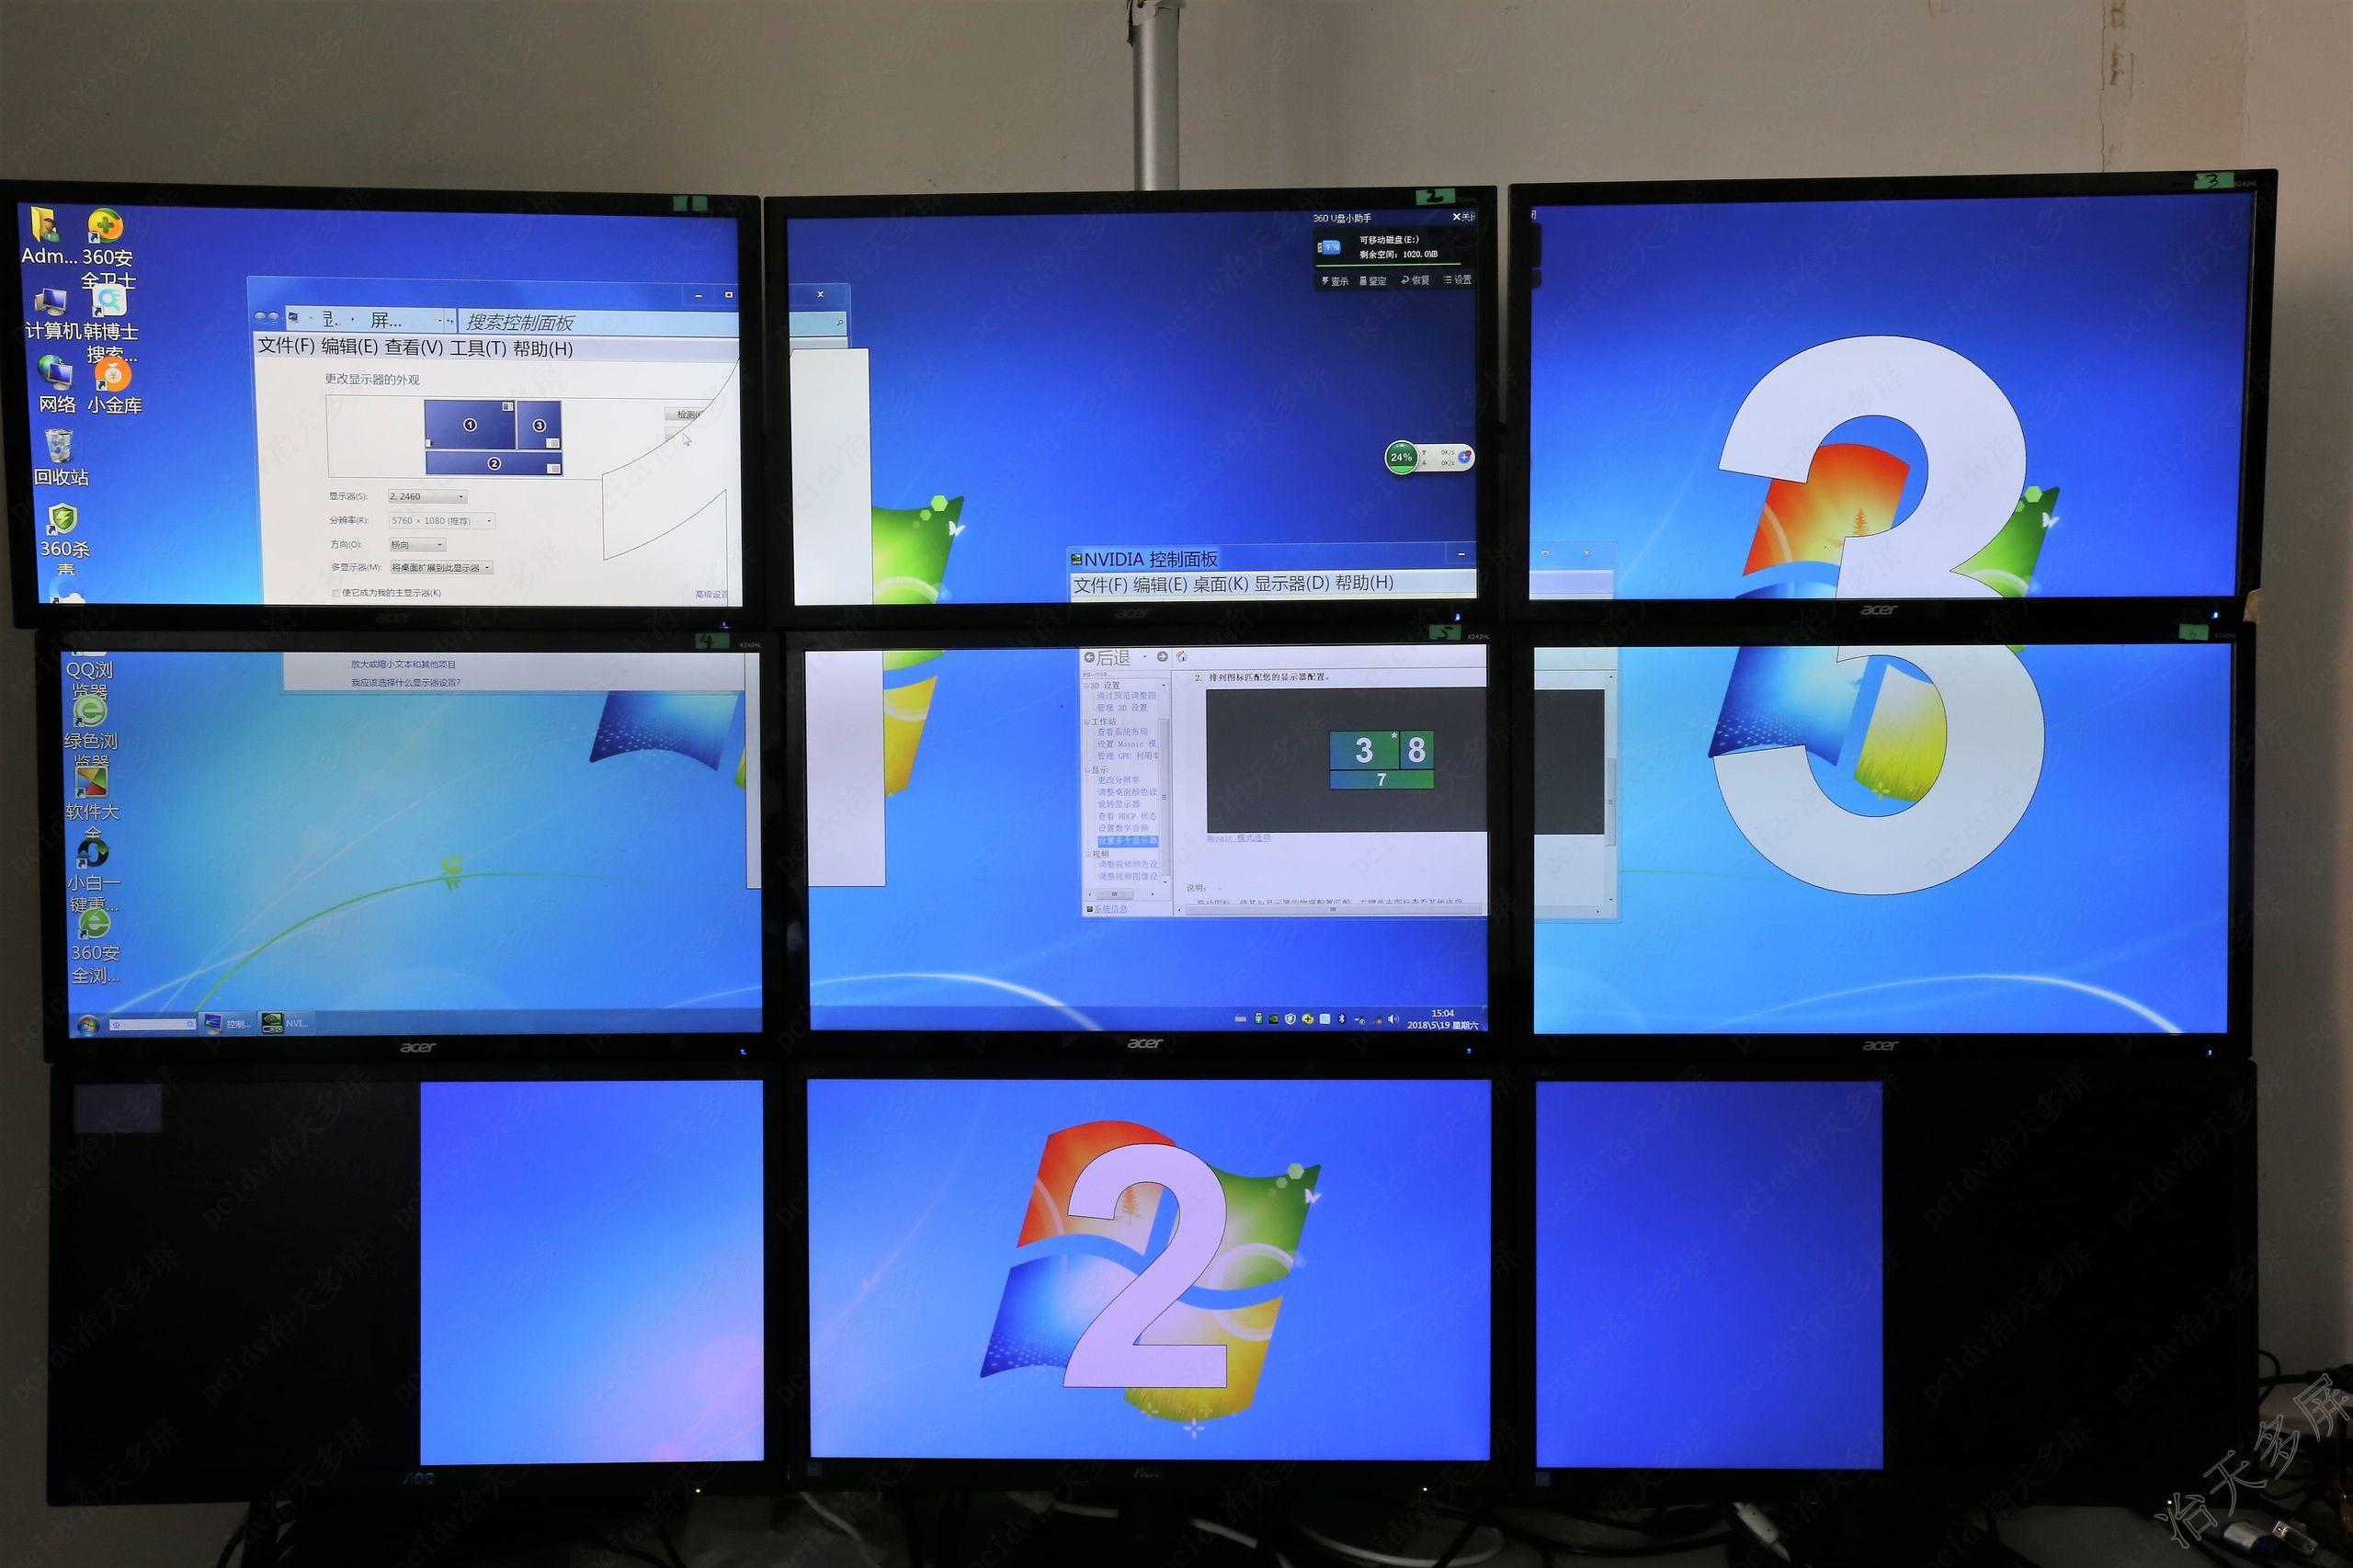 quadro nvs810设置3组拼接任意相邻分组多组拼接多屏模式